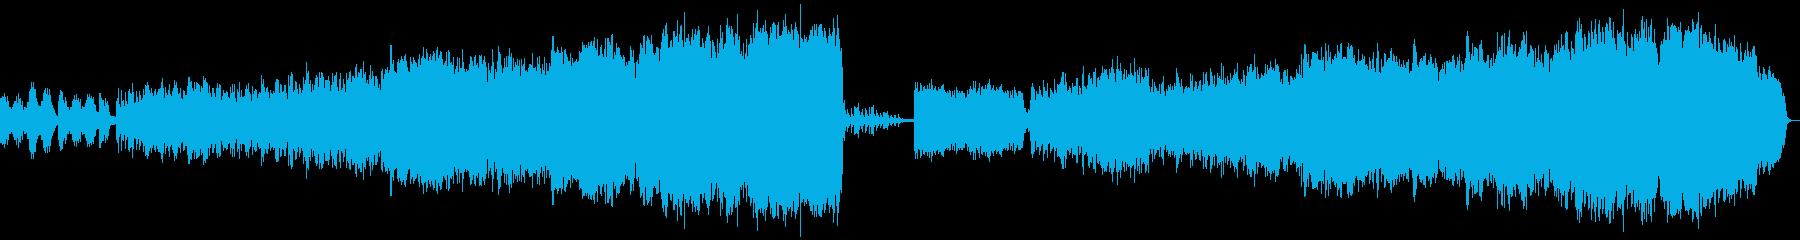 バイオリンとオーケストラの切ないBGMの再生済みの波形